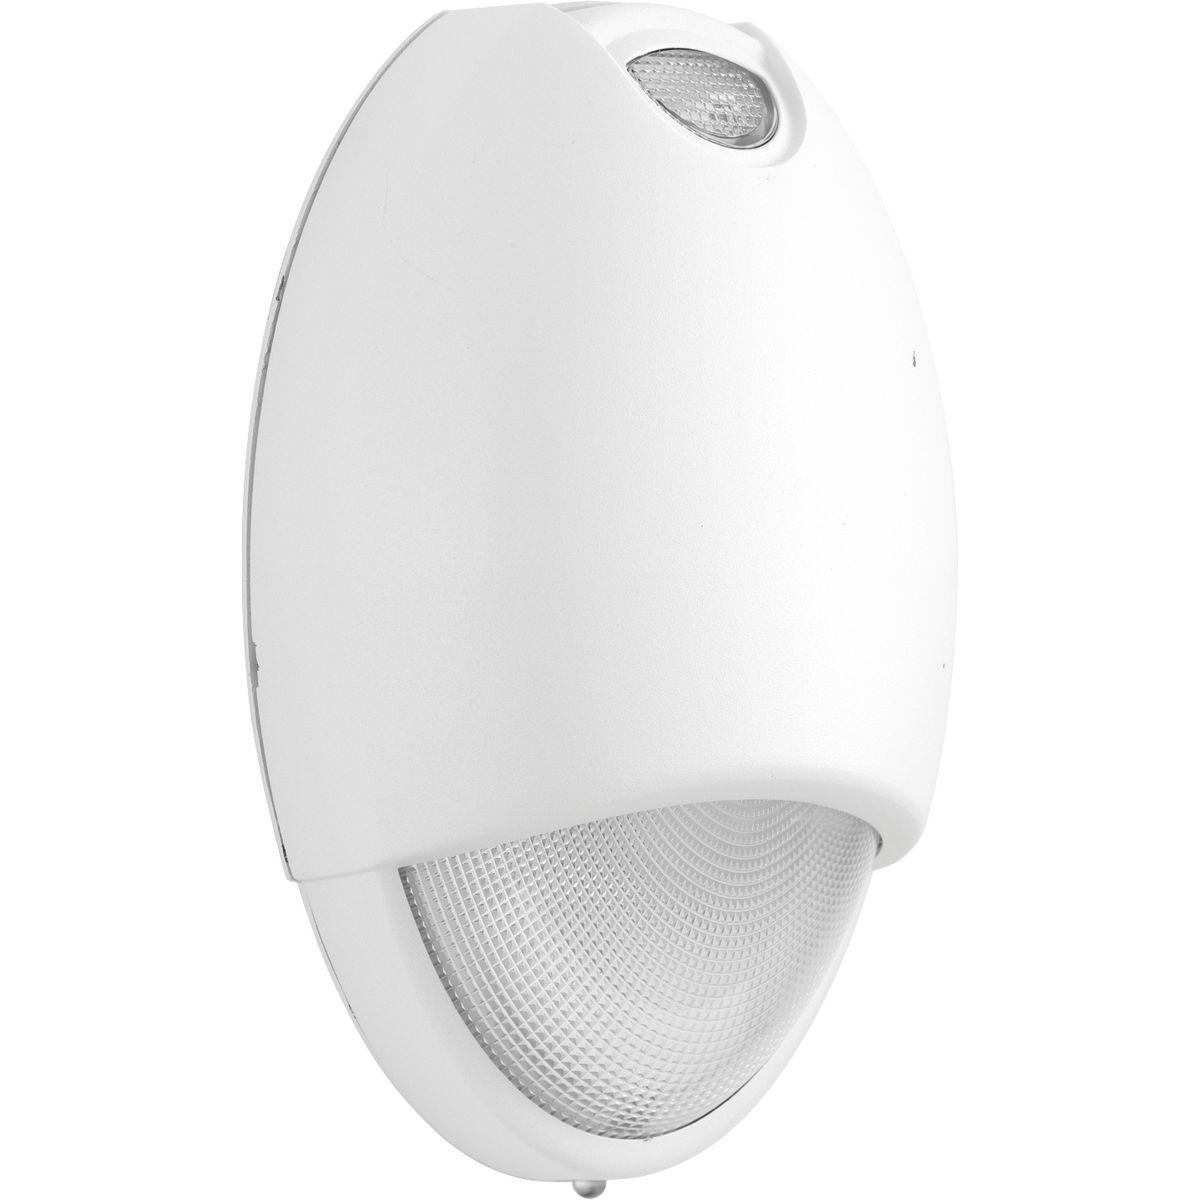 LED AC EMERGENCY LIGHT White